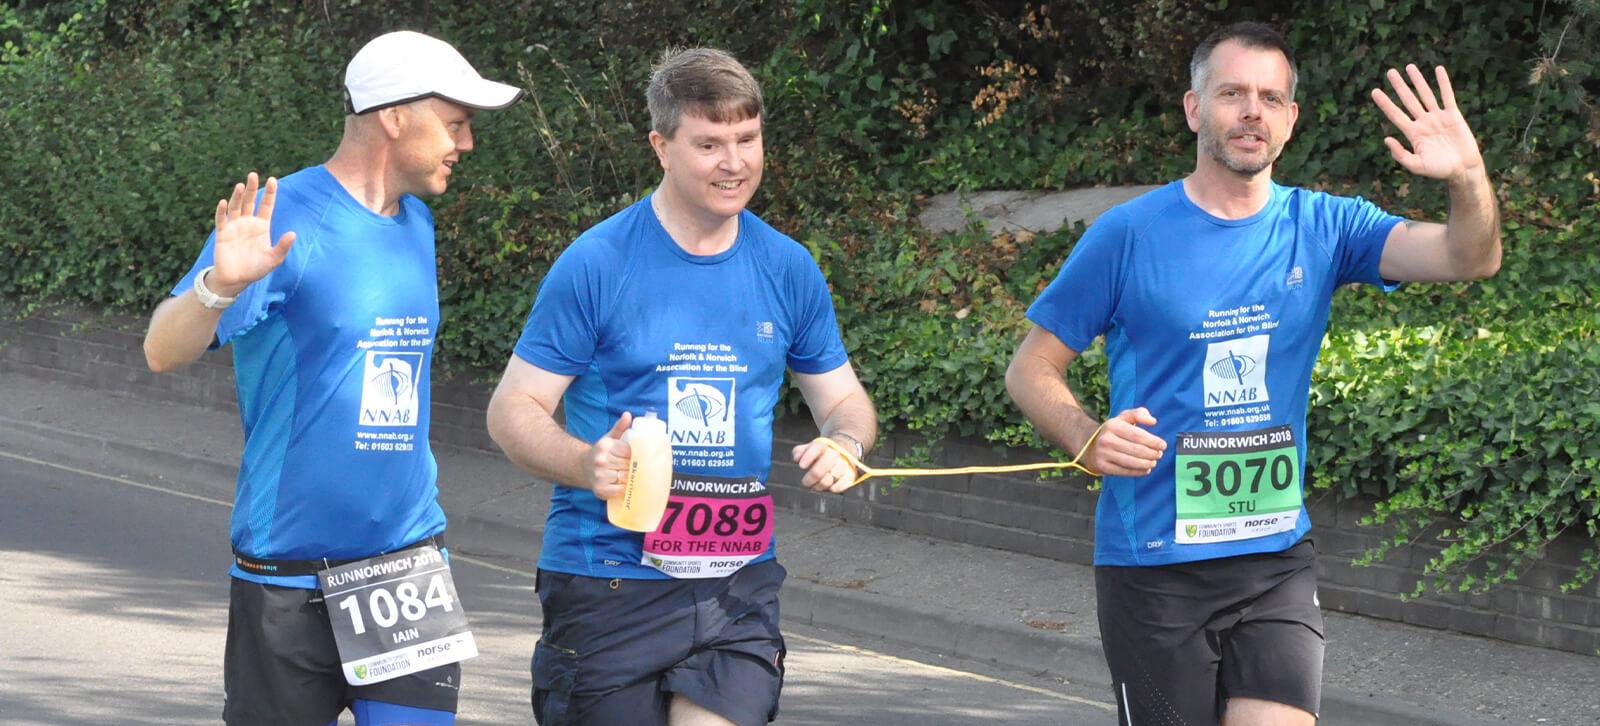 3 Men running a marathon